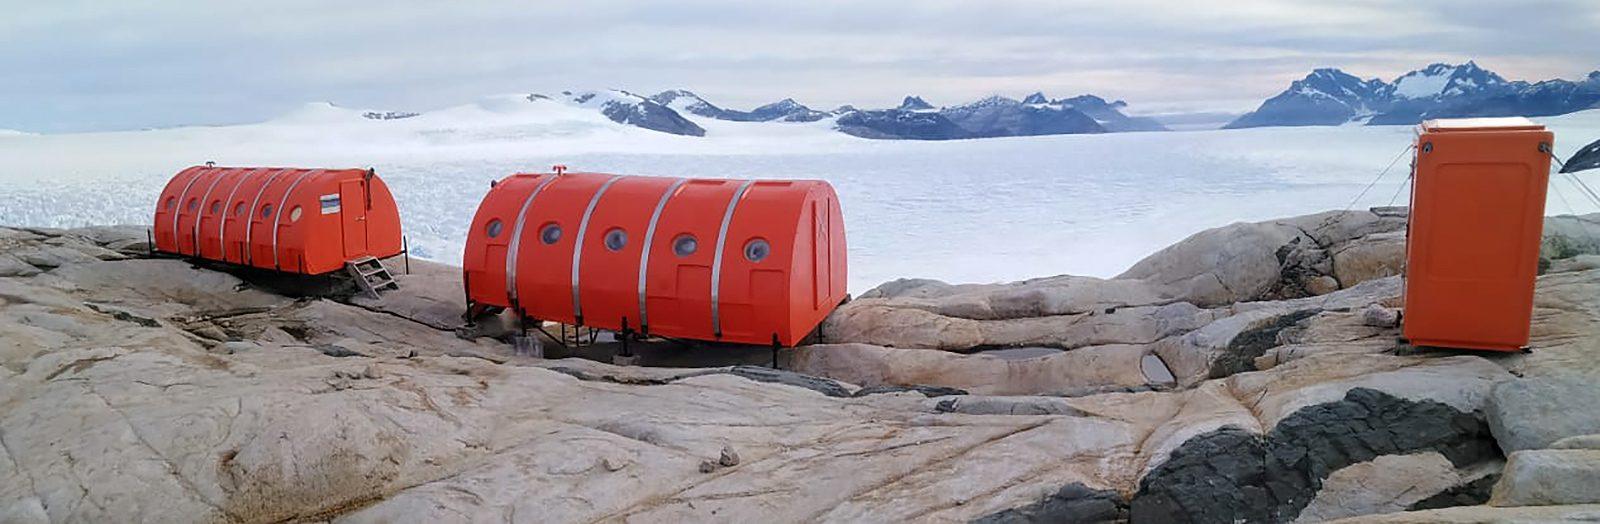 columna-pedro-serrano-campos-de-hielo1